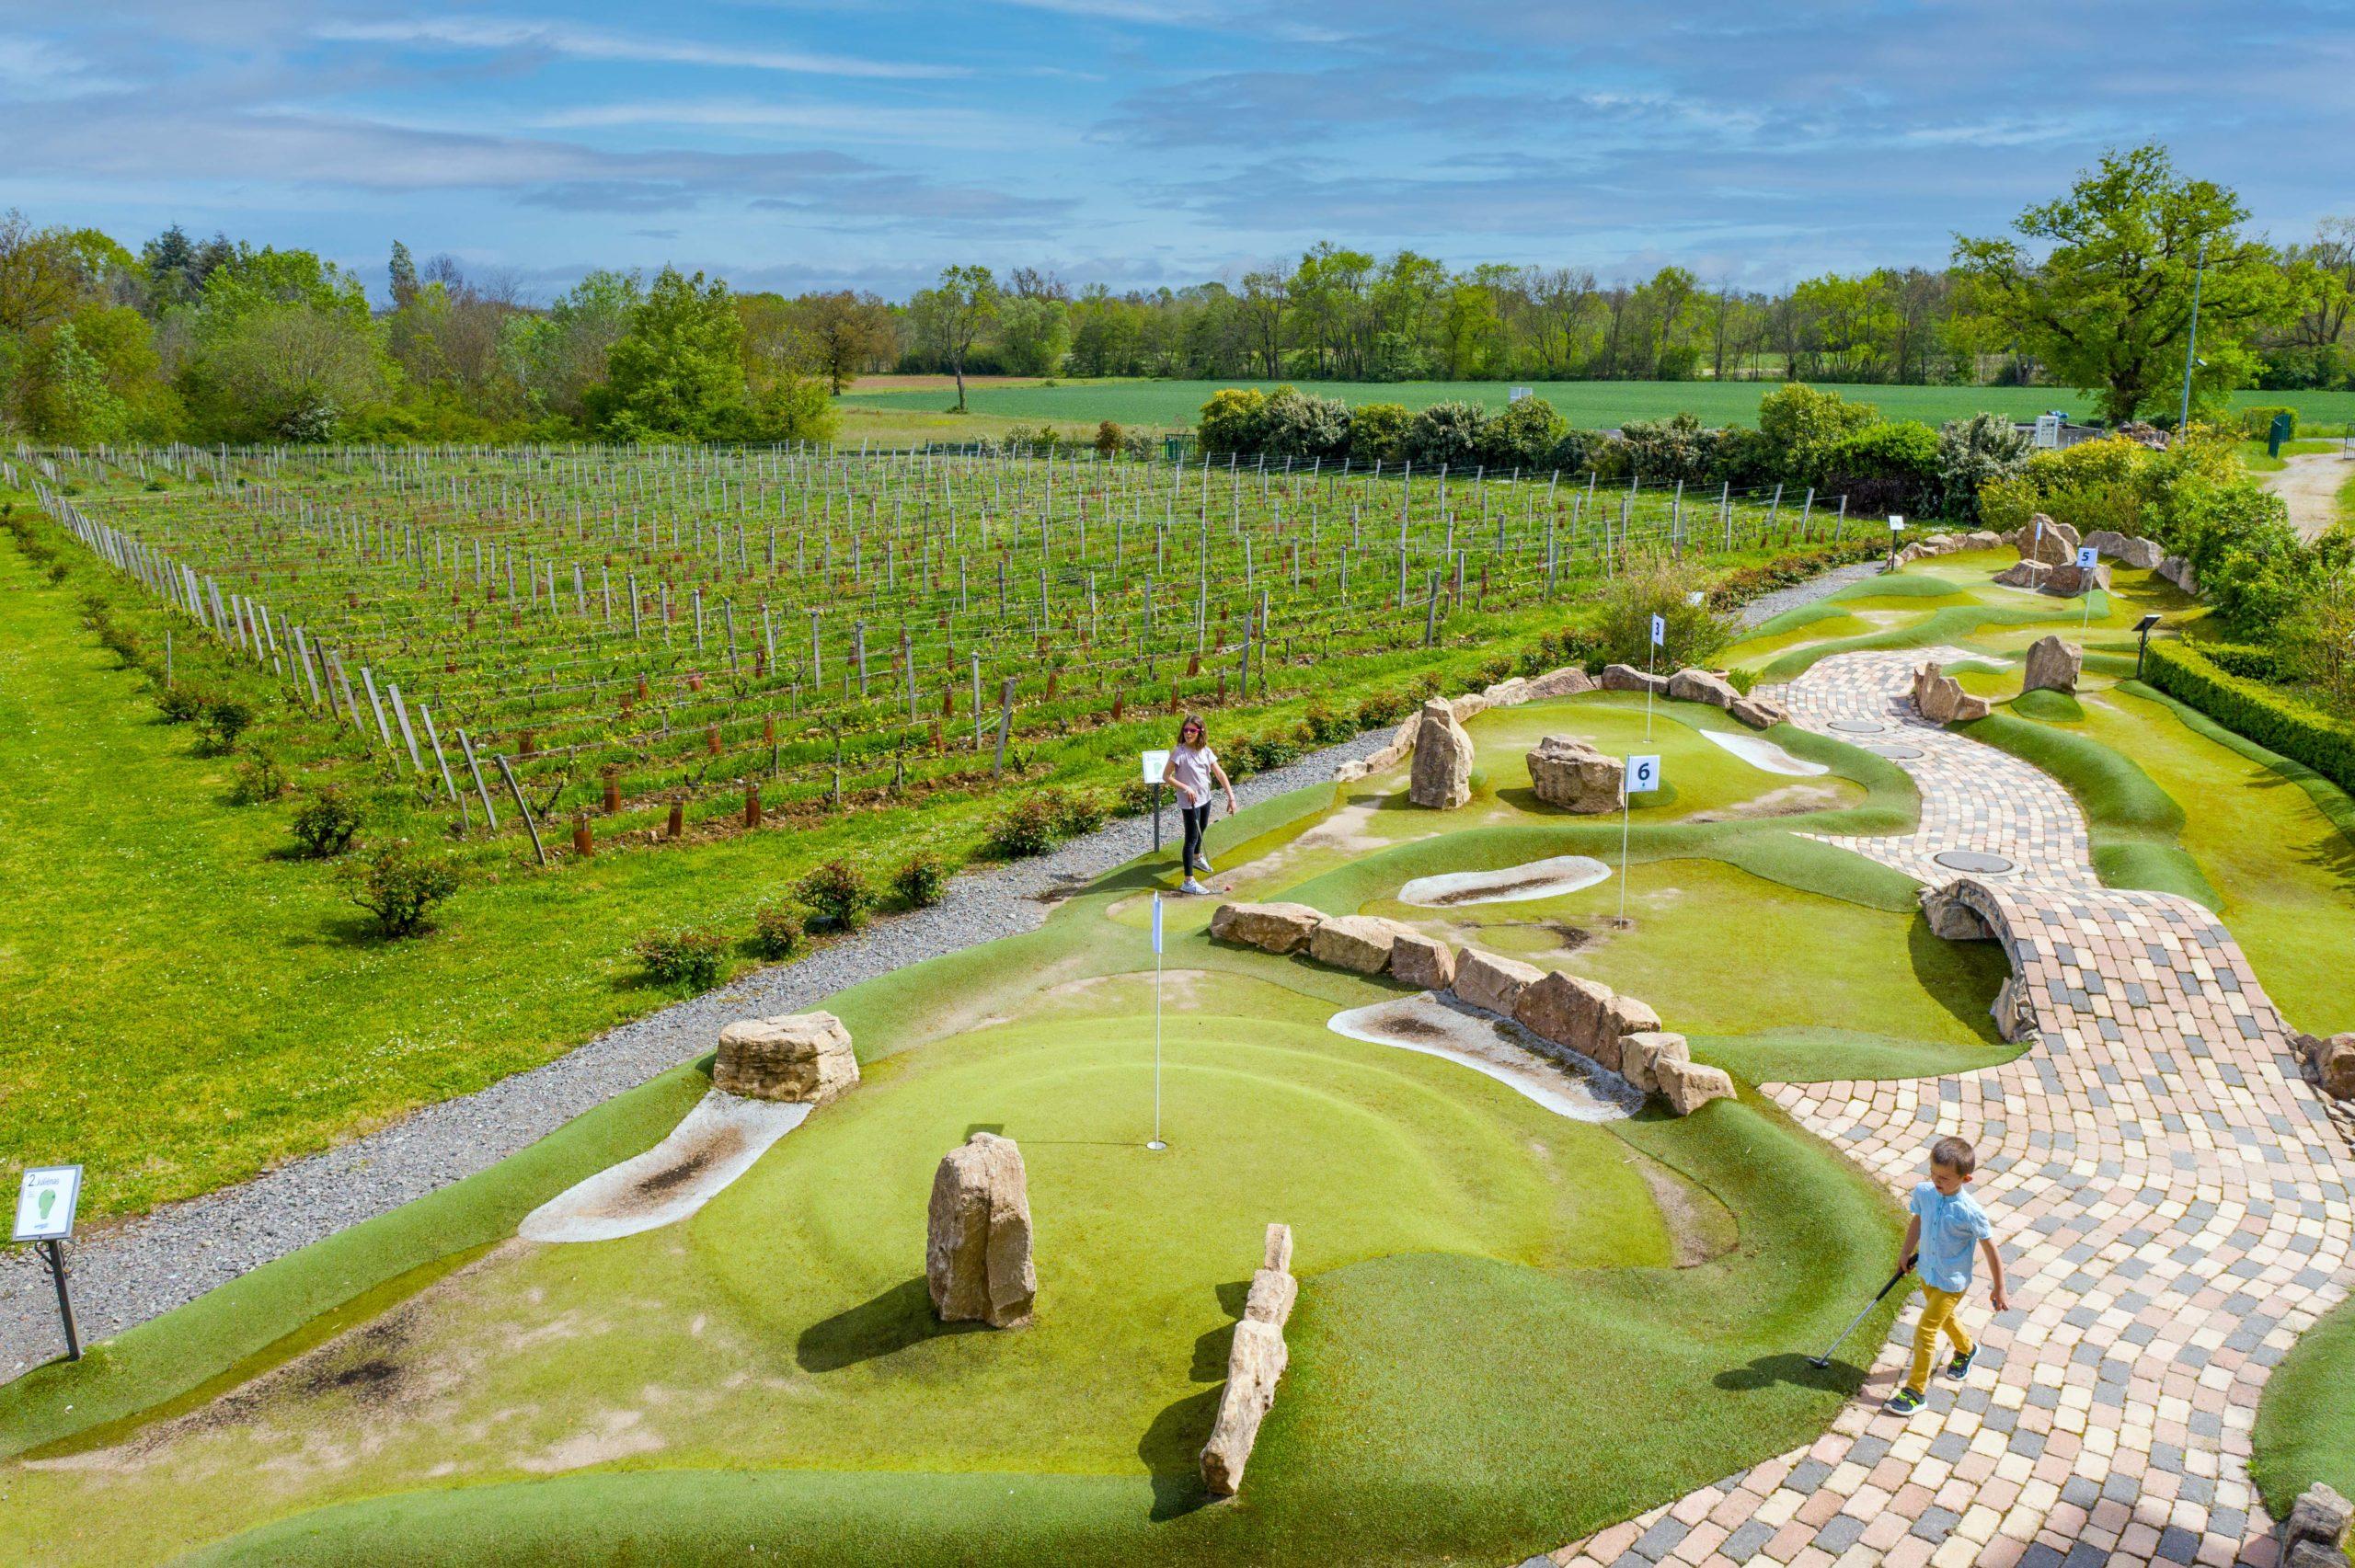 Adventure Golf en famille - Hameau Duboeuf - Saone-et Loire en famille - De Beaux Lents Demains